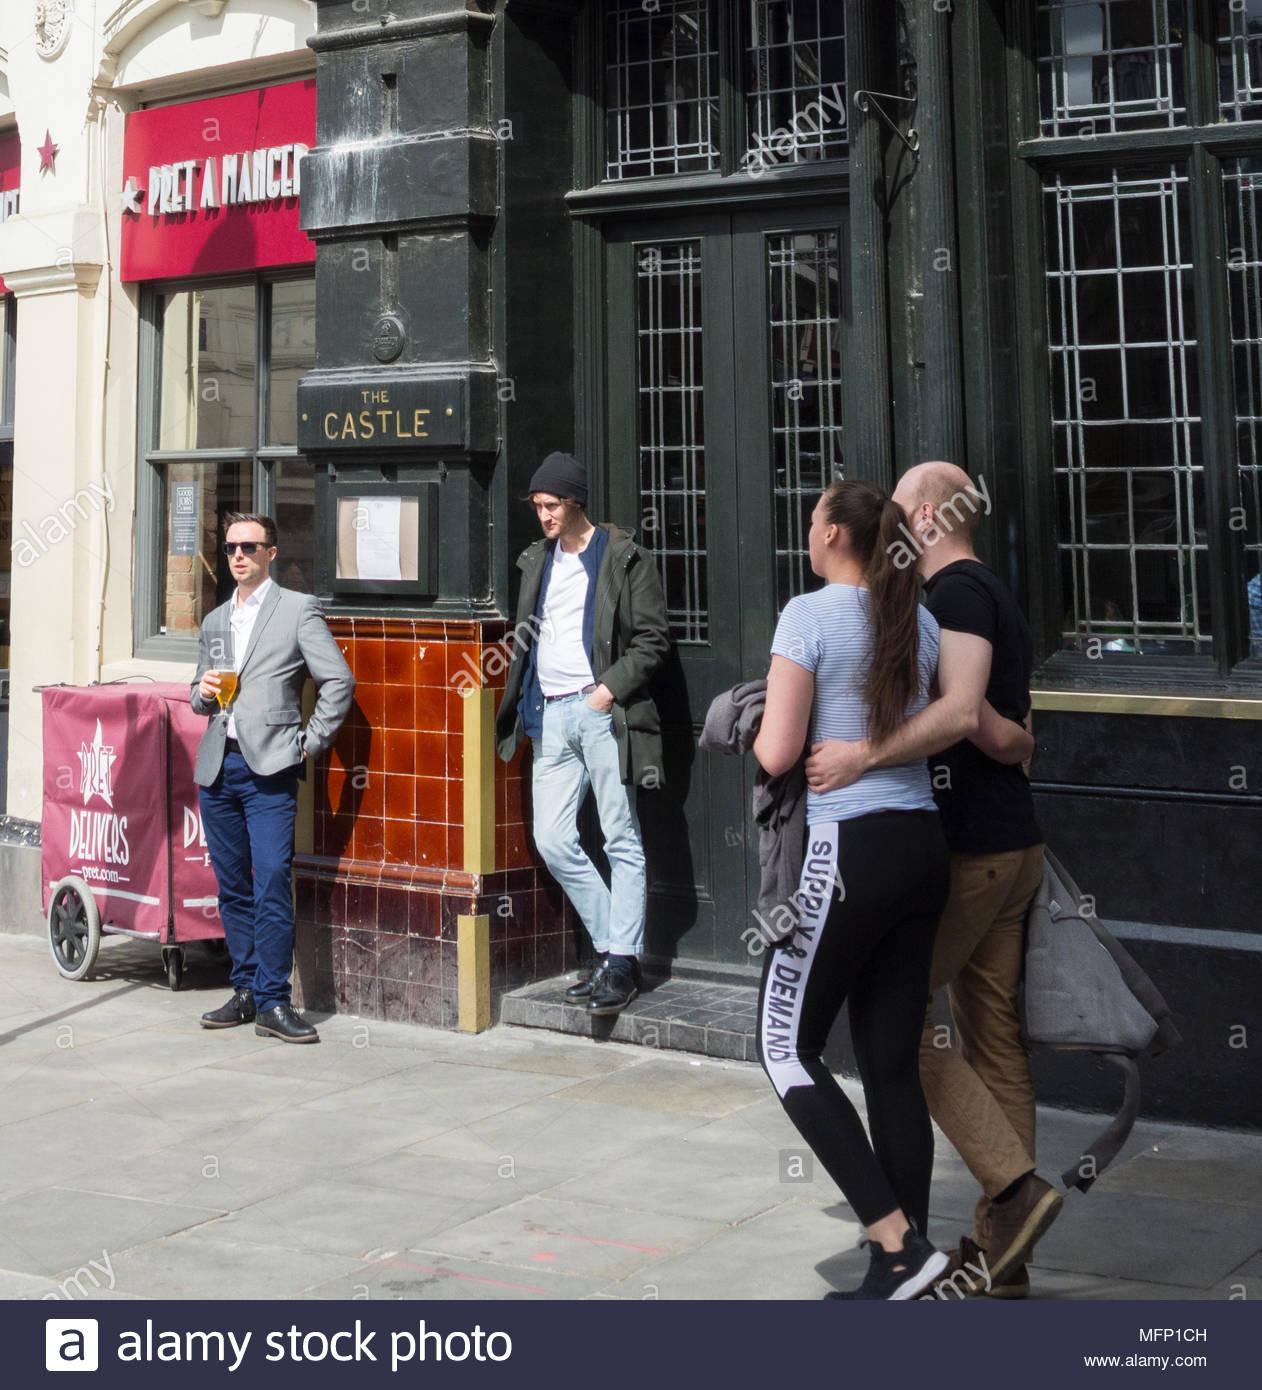 Men drinking outside the Castle, Public House, on Cowcross Street, Farringdon, London, EC2, UK - Stock Image